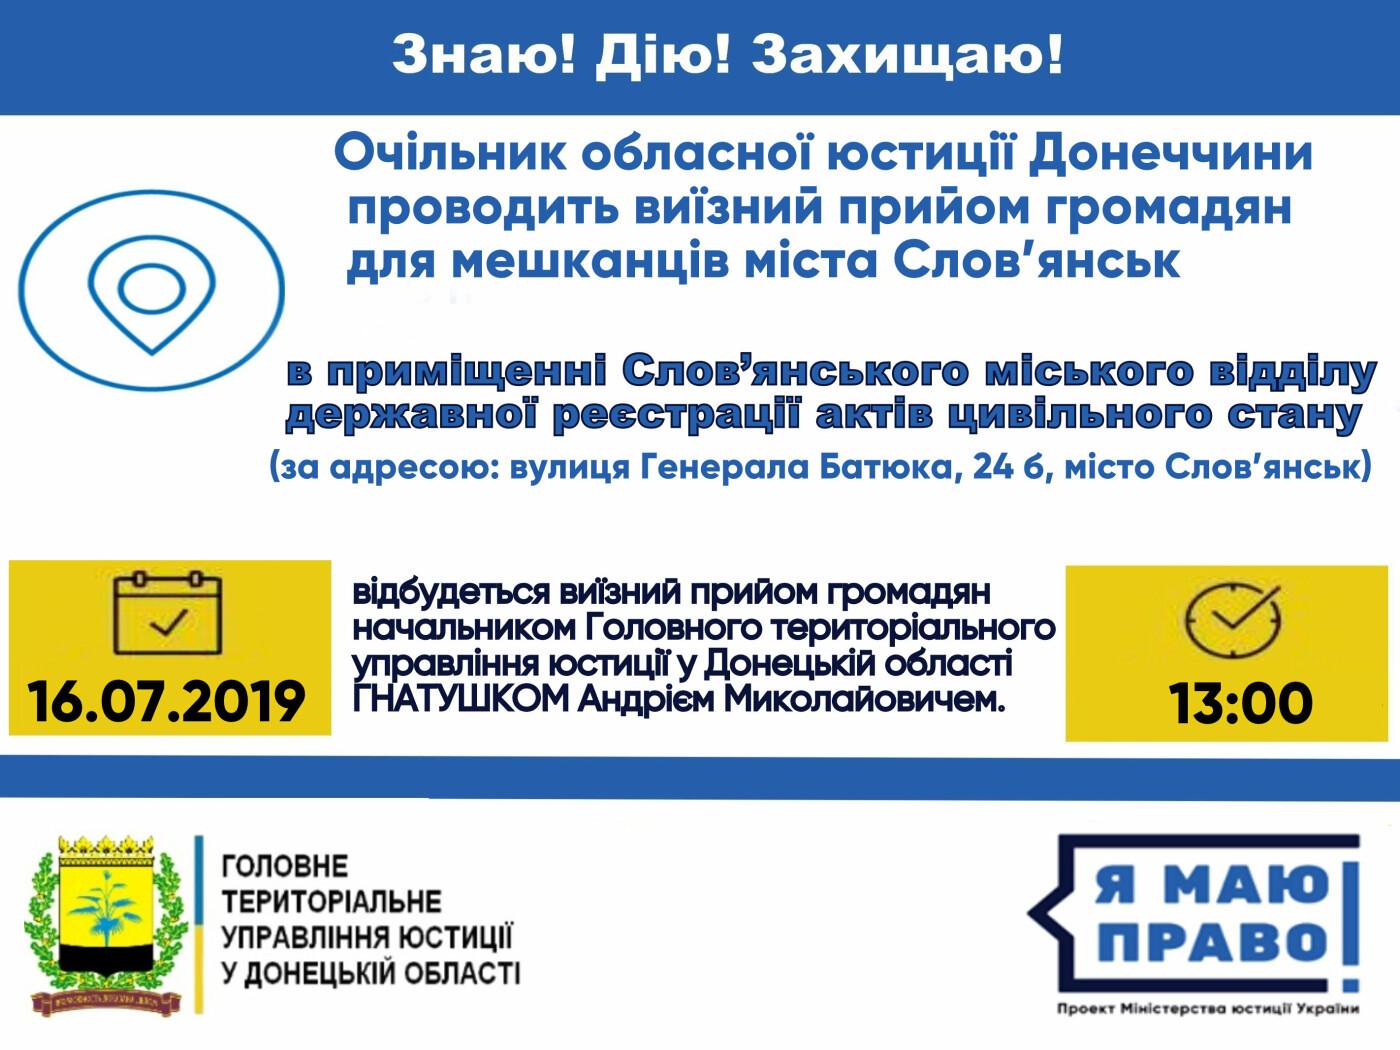 Очільник обласної юстиції Донеччини проведе прийом у Слов'янську , фото-1